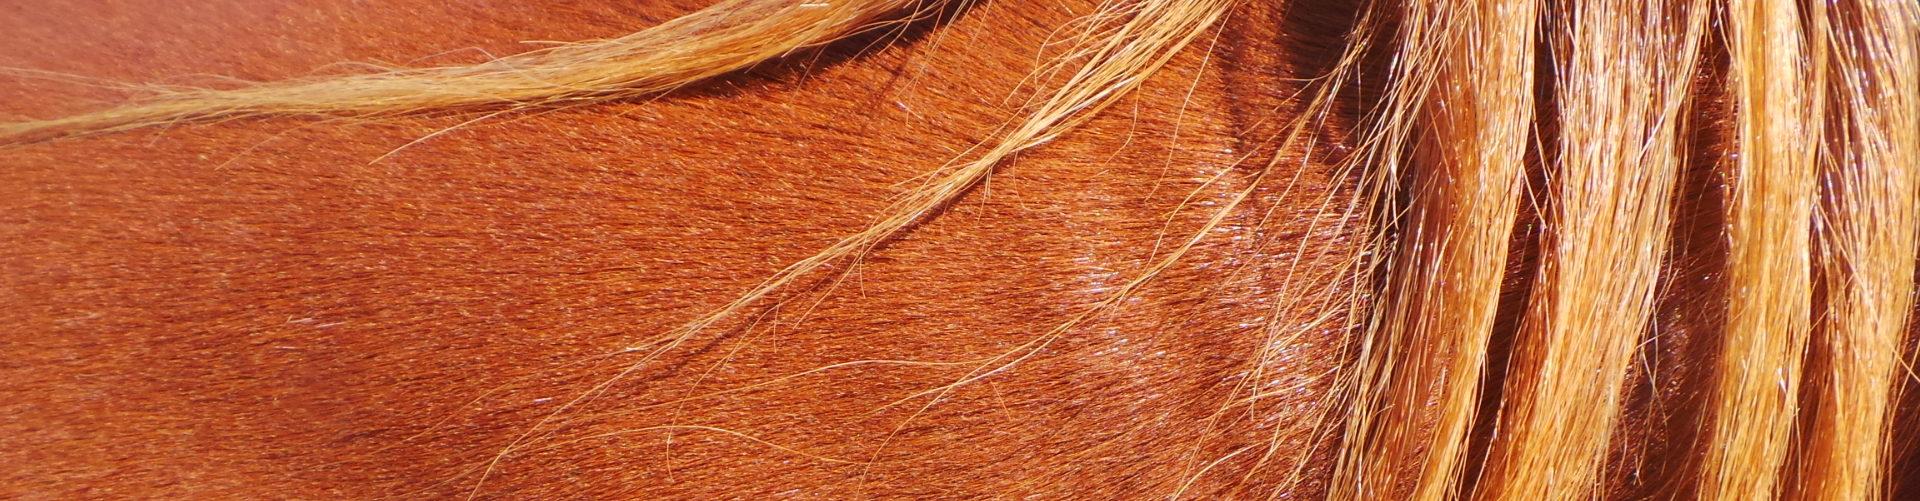 paardenflank.jpg